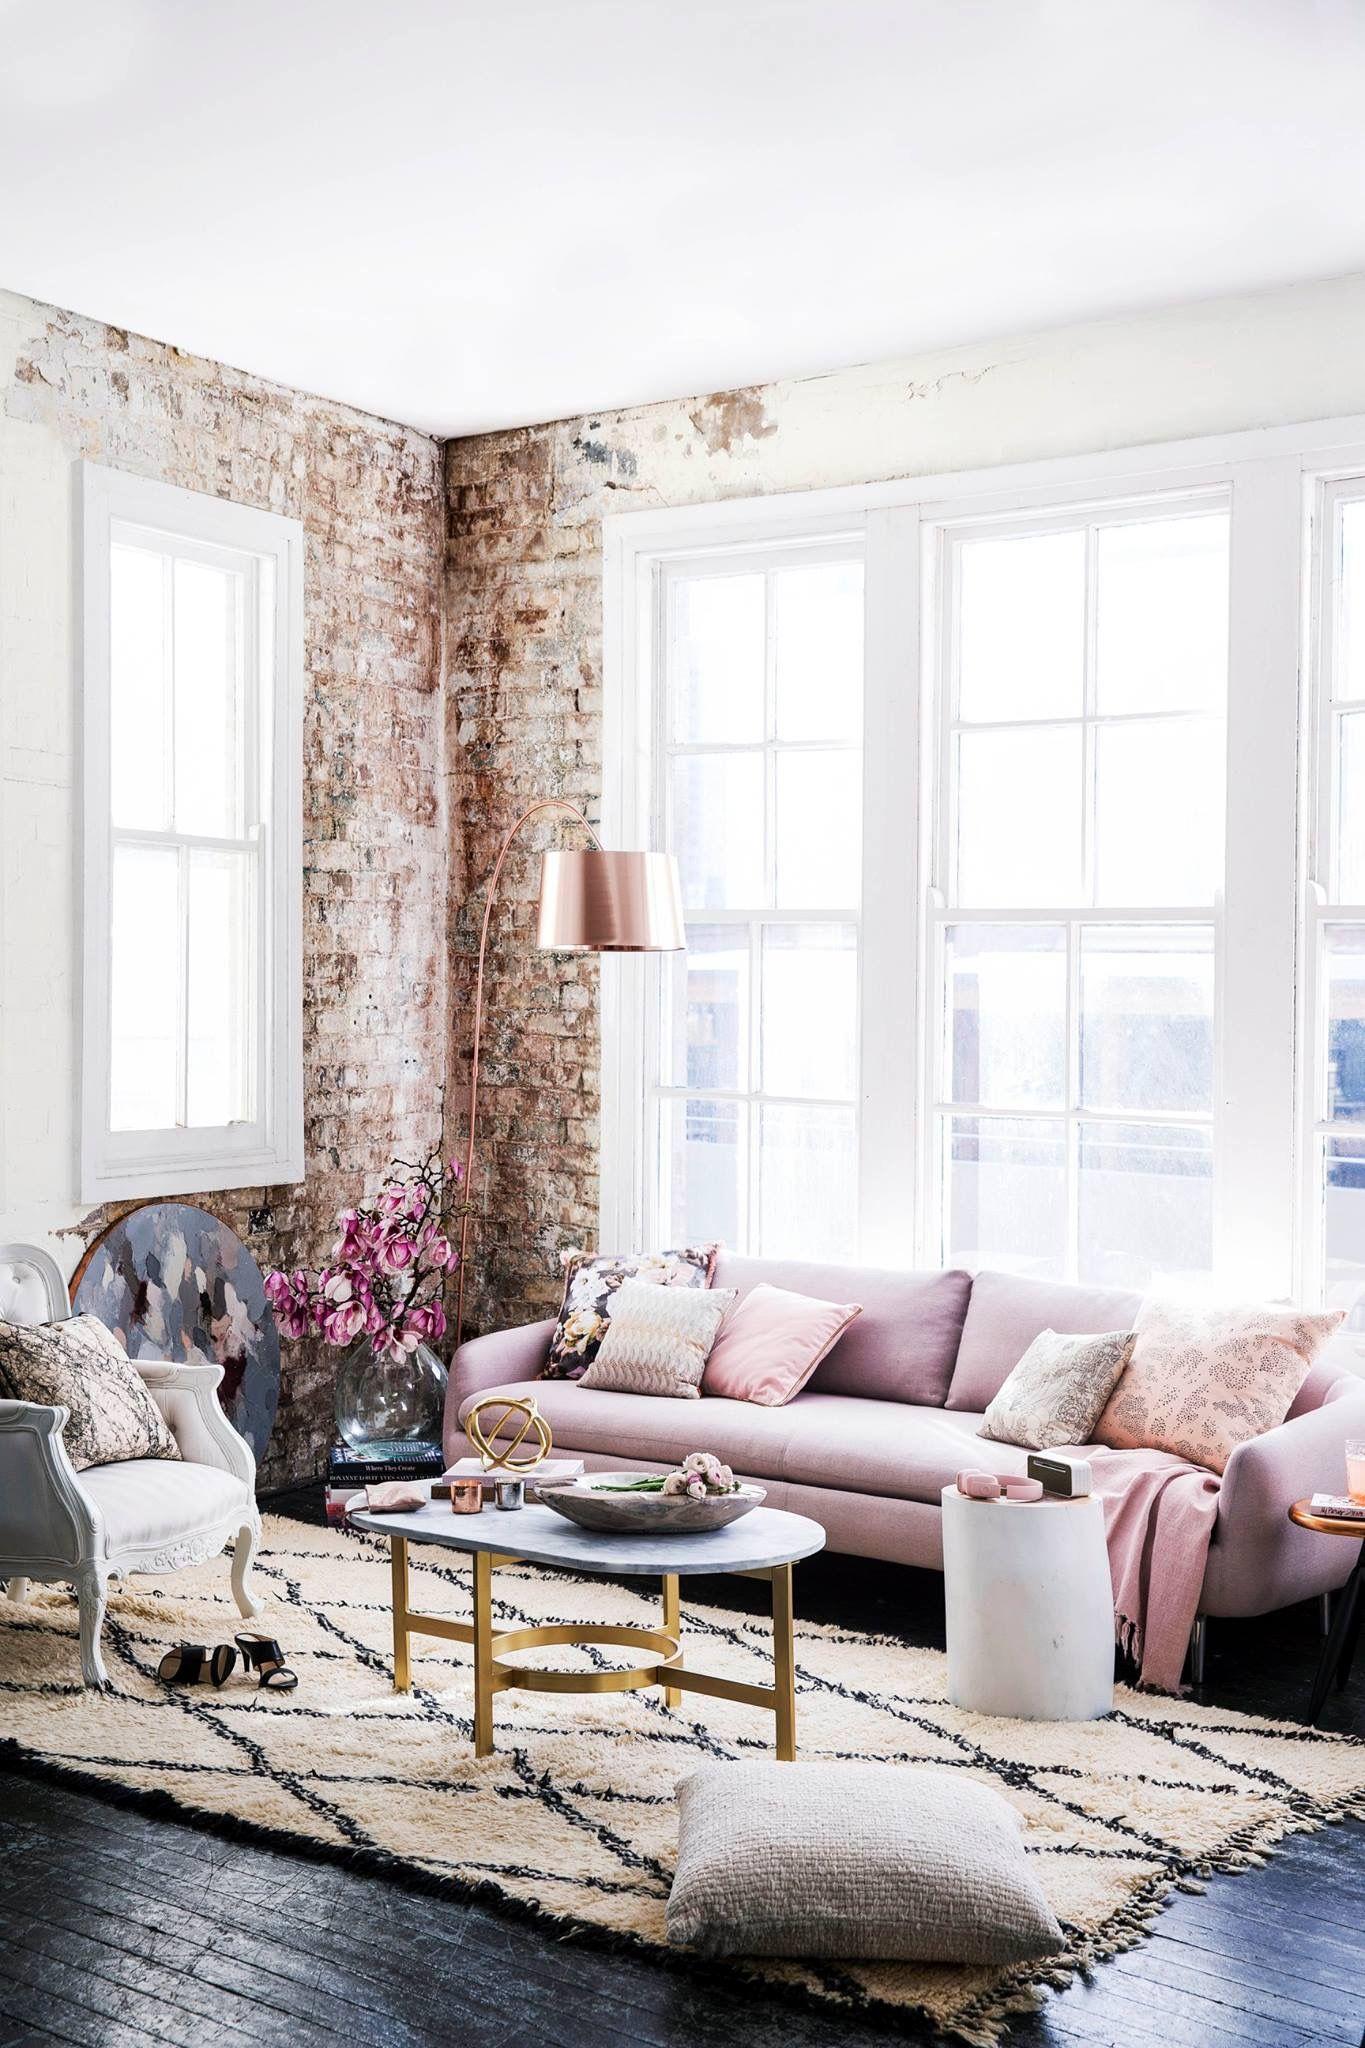 jordynhayslet | Home Decor | Pinterest | Apartments, Interiors and ...